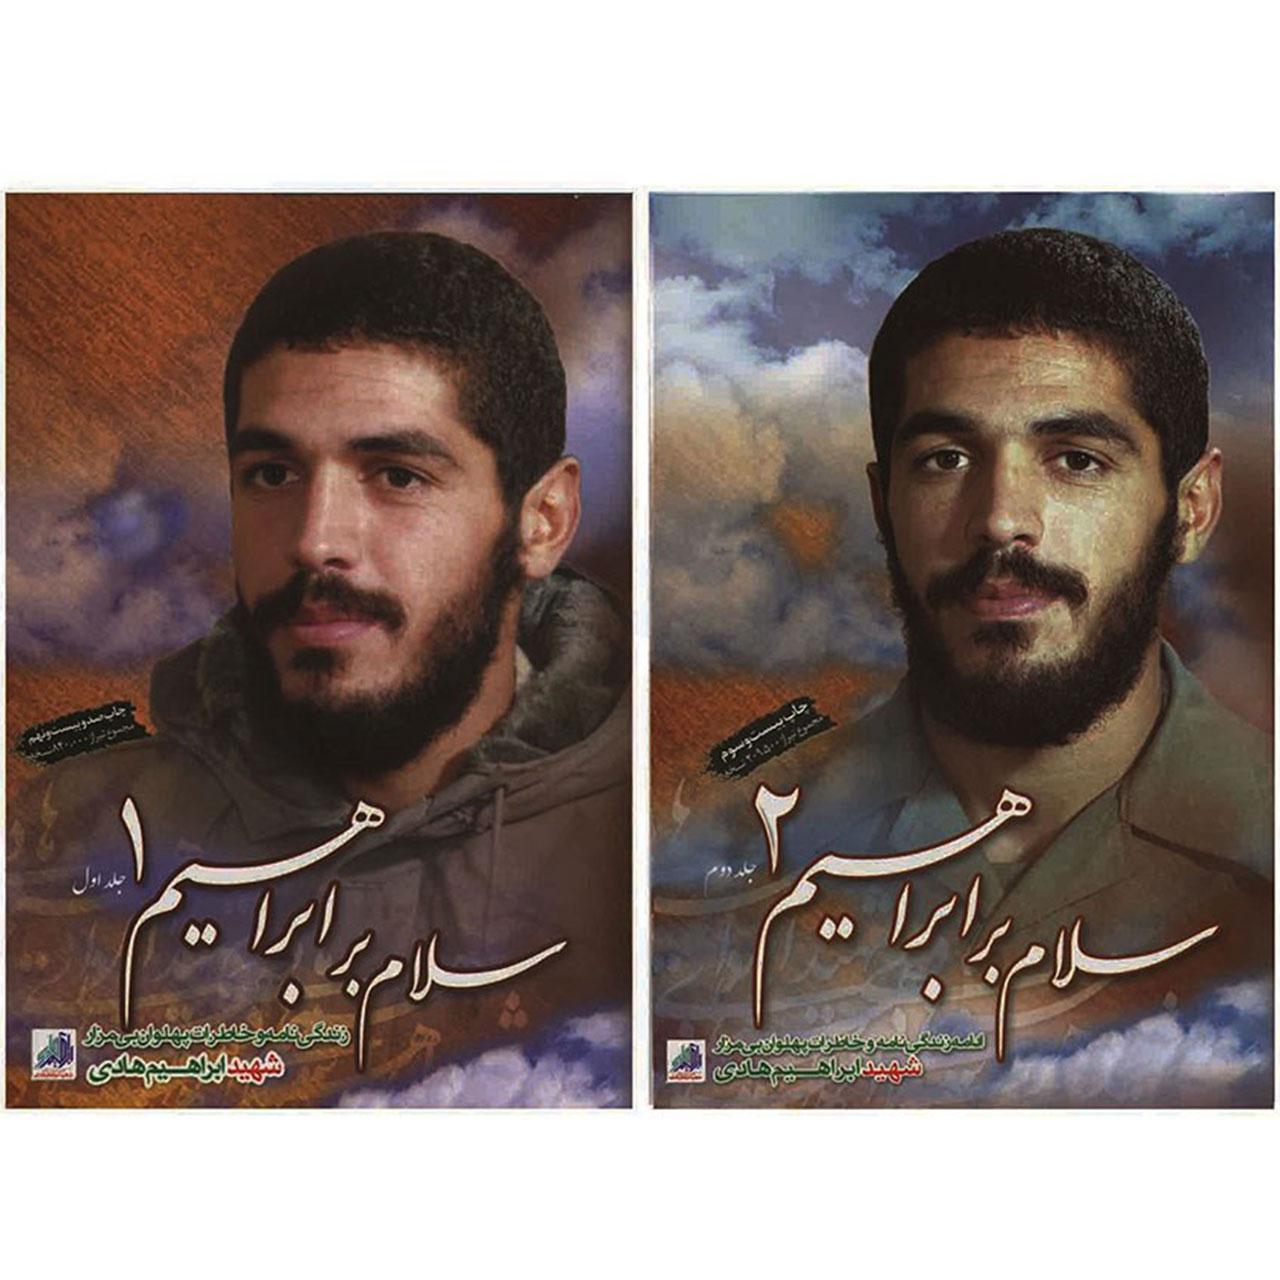 خرید                      کتاب سلام بر ابراهیم اثر جمعی از نویسندگان - دو جلدی